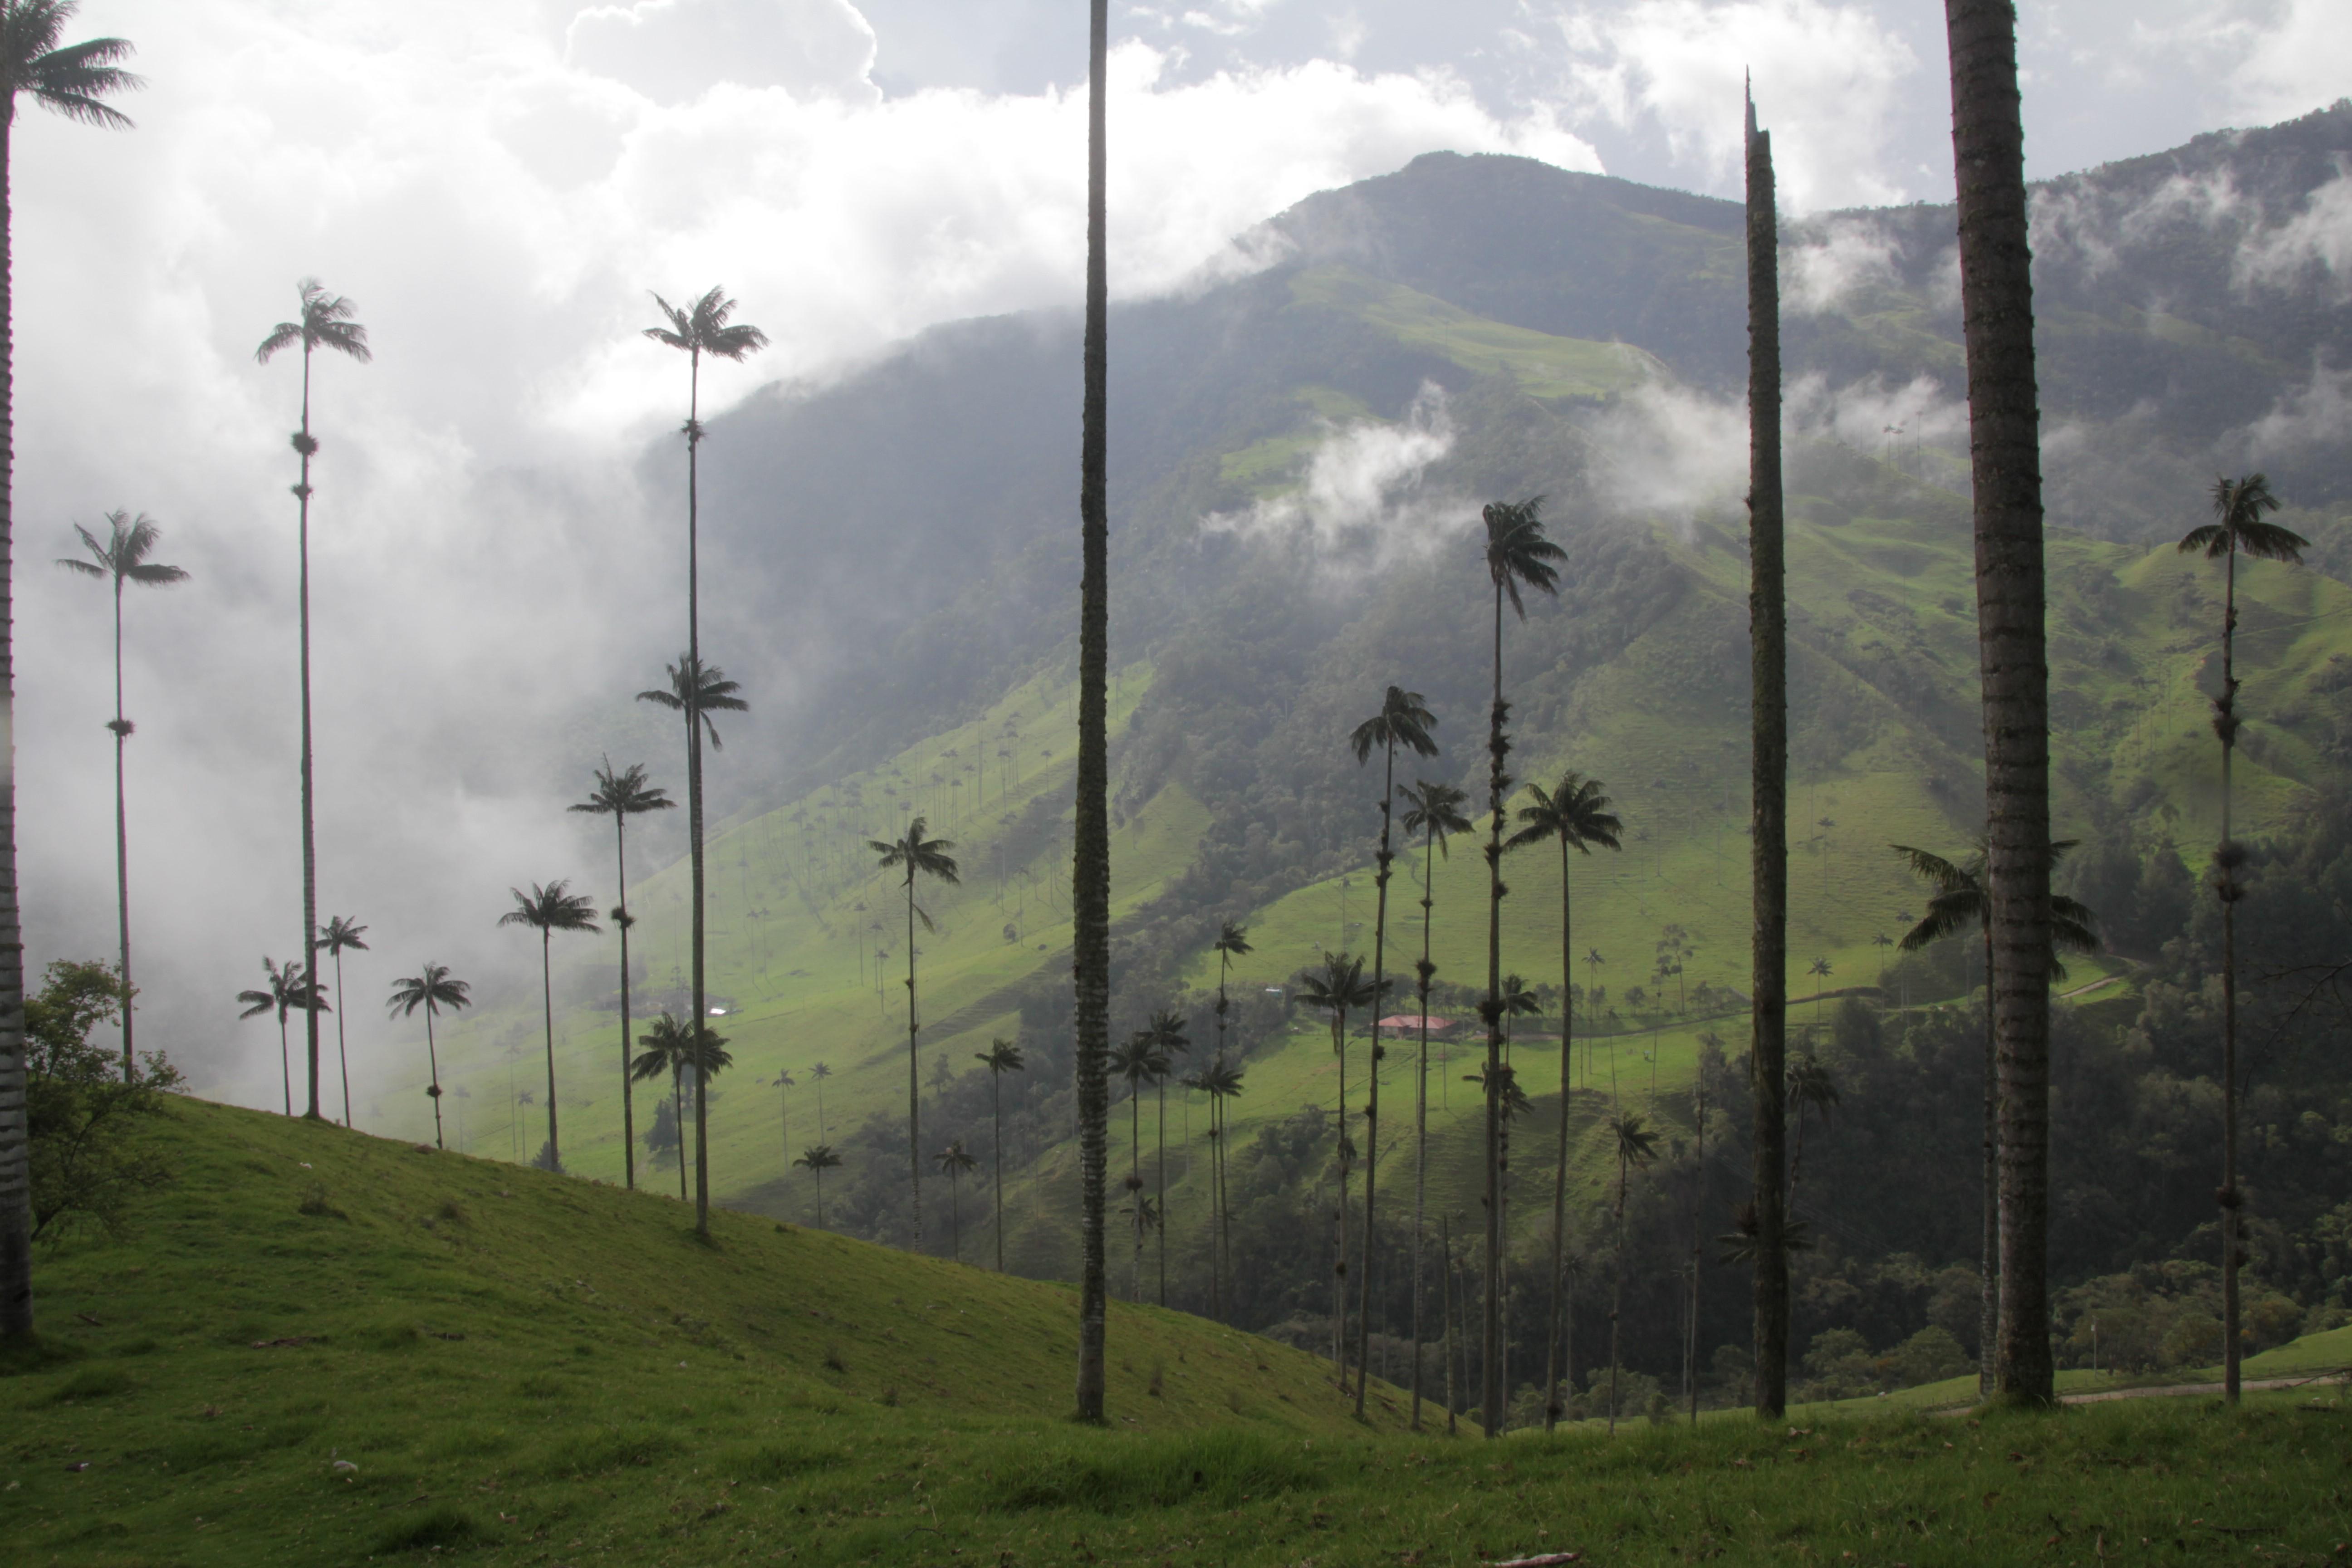 Les géants palmiers de cire s'éparpillent par centaines dans la vallée de Cocora (©Aurélie Bacheley).